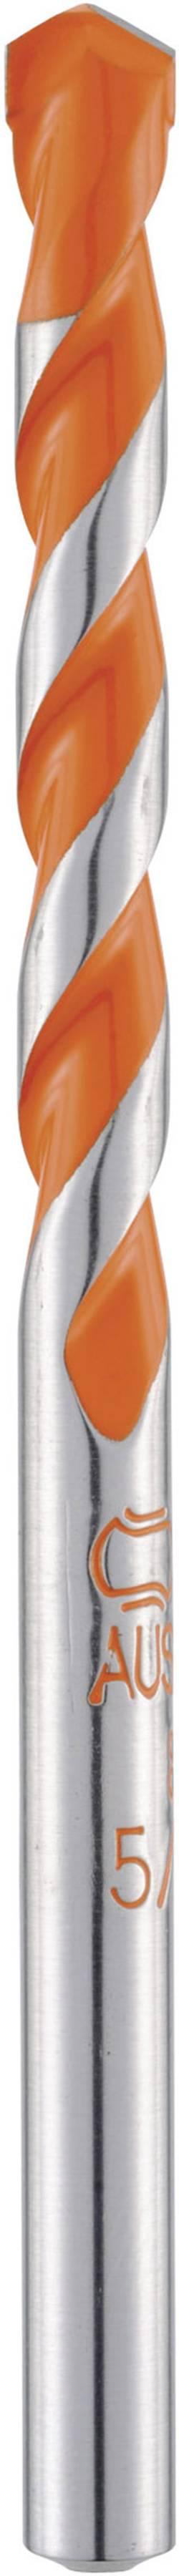 Foret spécial tuiles tige cylindrique 10 mm Alpen 35201000100 Longueur 120 mm 1 pc(s)